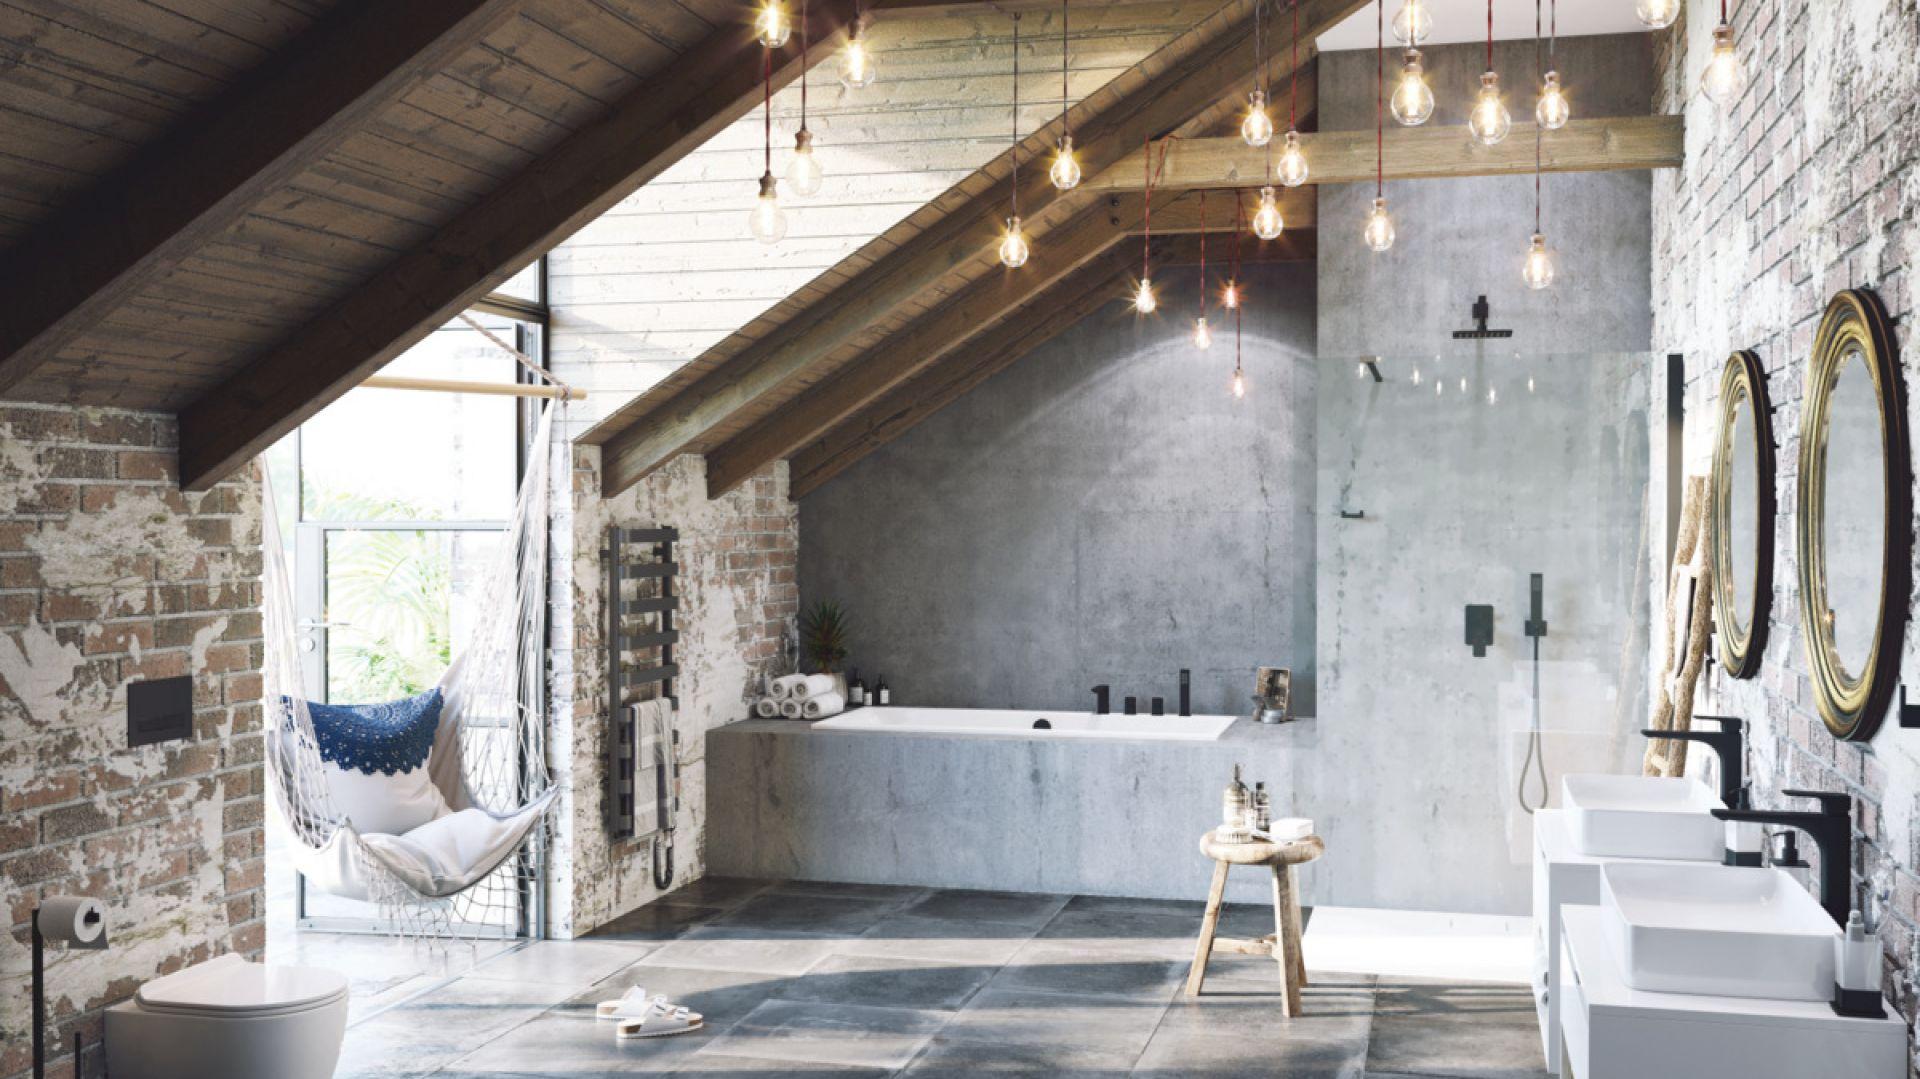 Aranżacja łazienki z czarnymi detalami w postaci baterii łazienkowych z serii Keria. Fot. Excellent